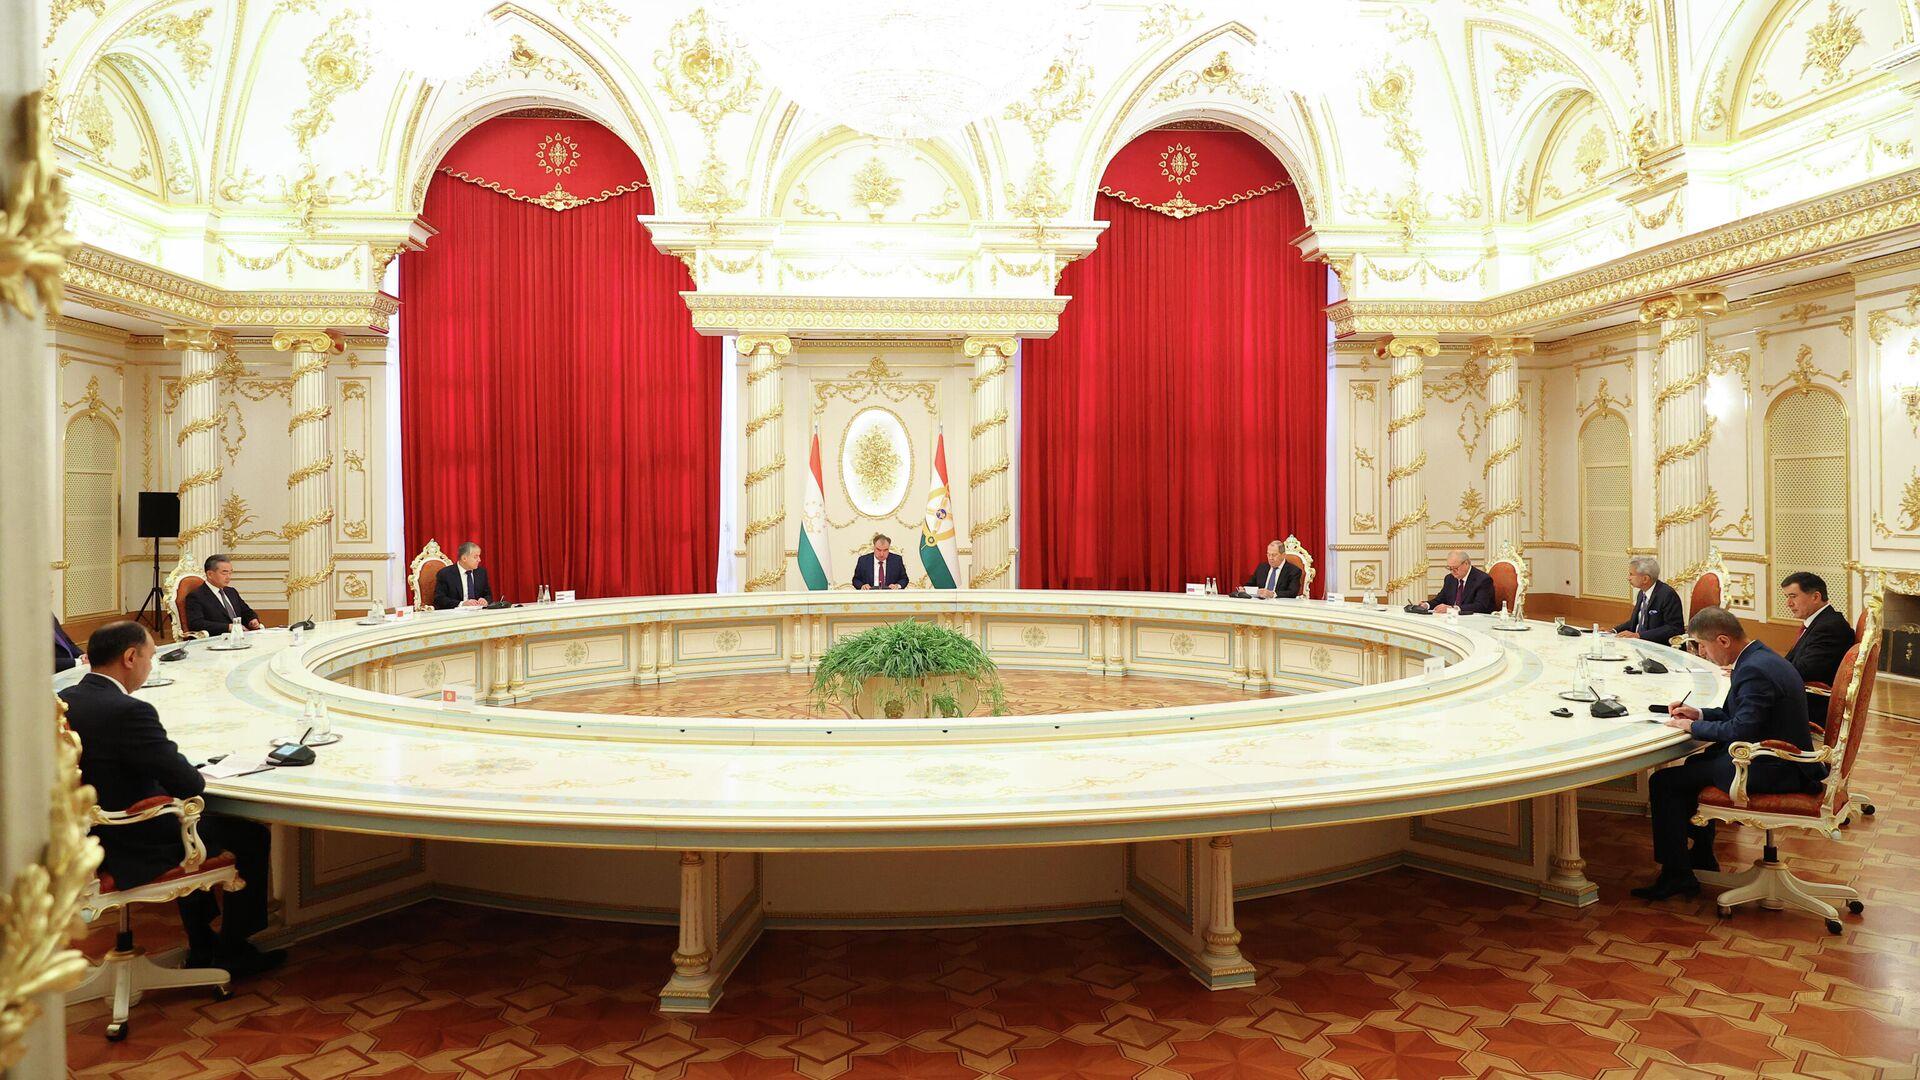 Заседание Совета министров иностранных дел государств - членов ШОС - Sputnik Таджикистан, 1920, 17.09.2021